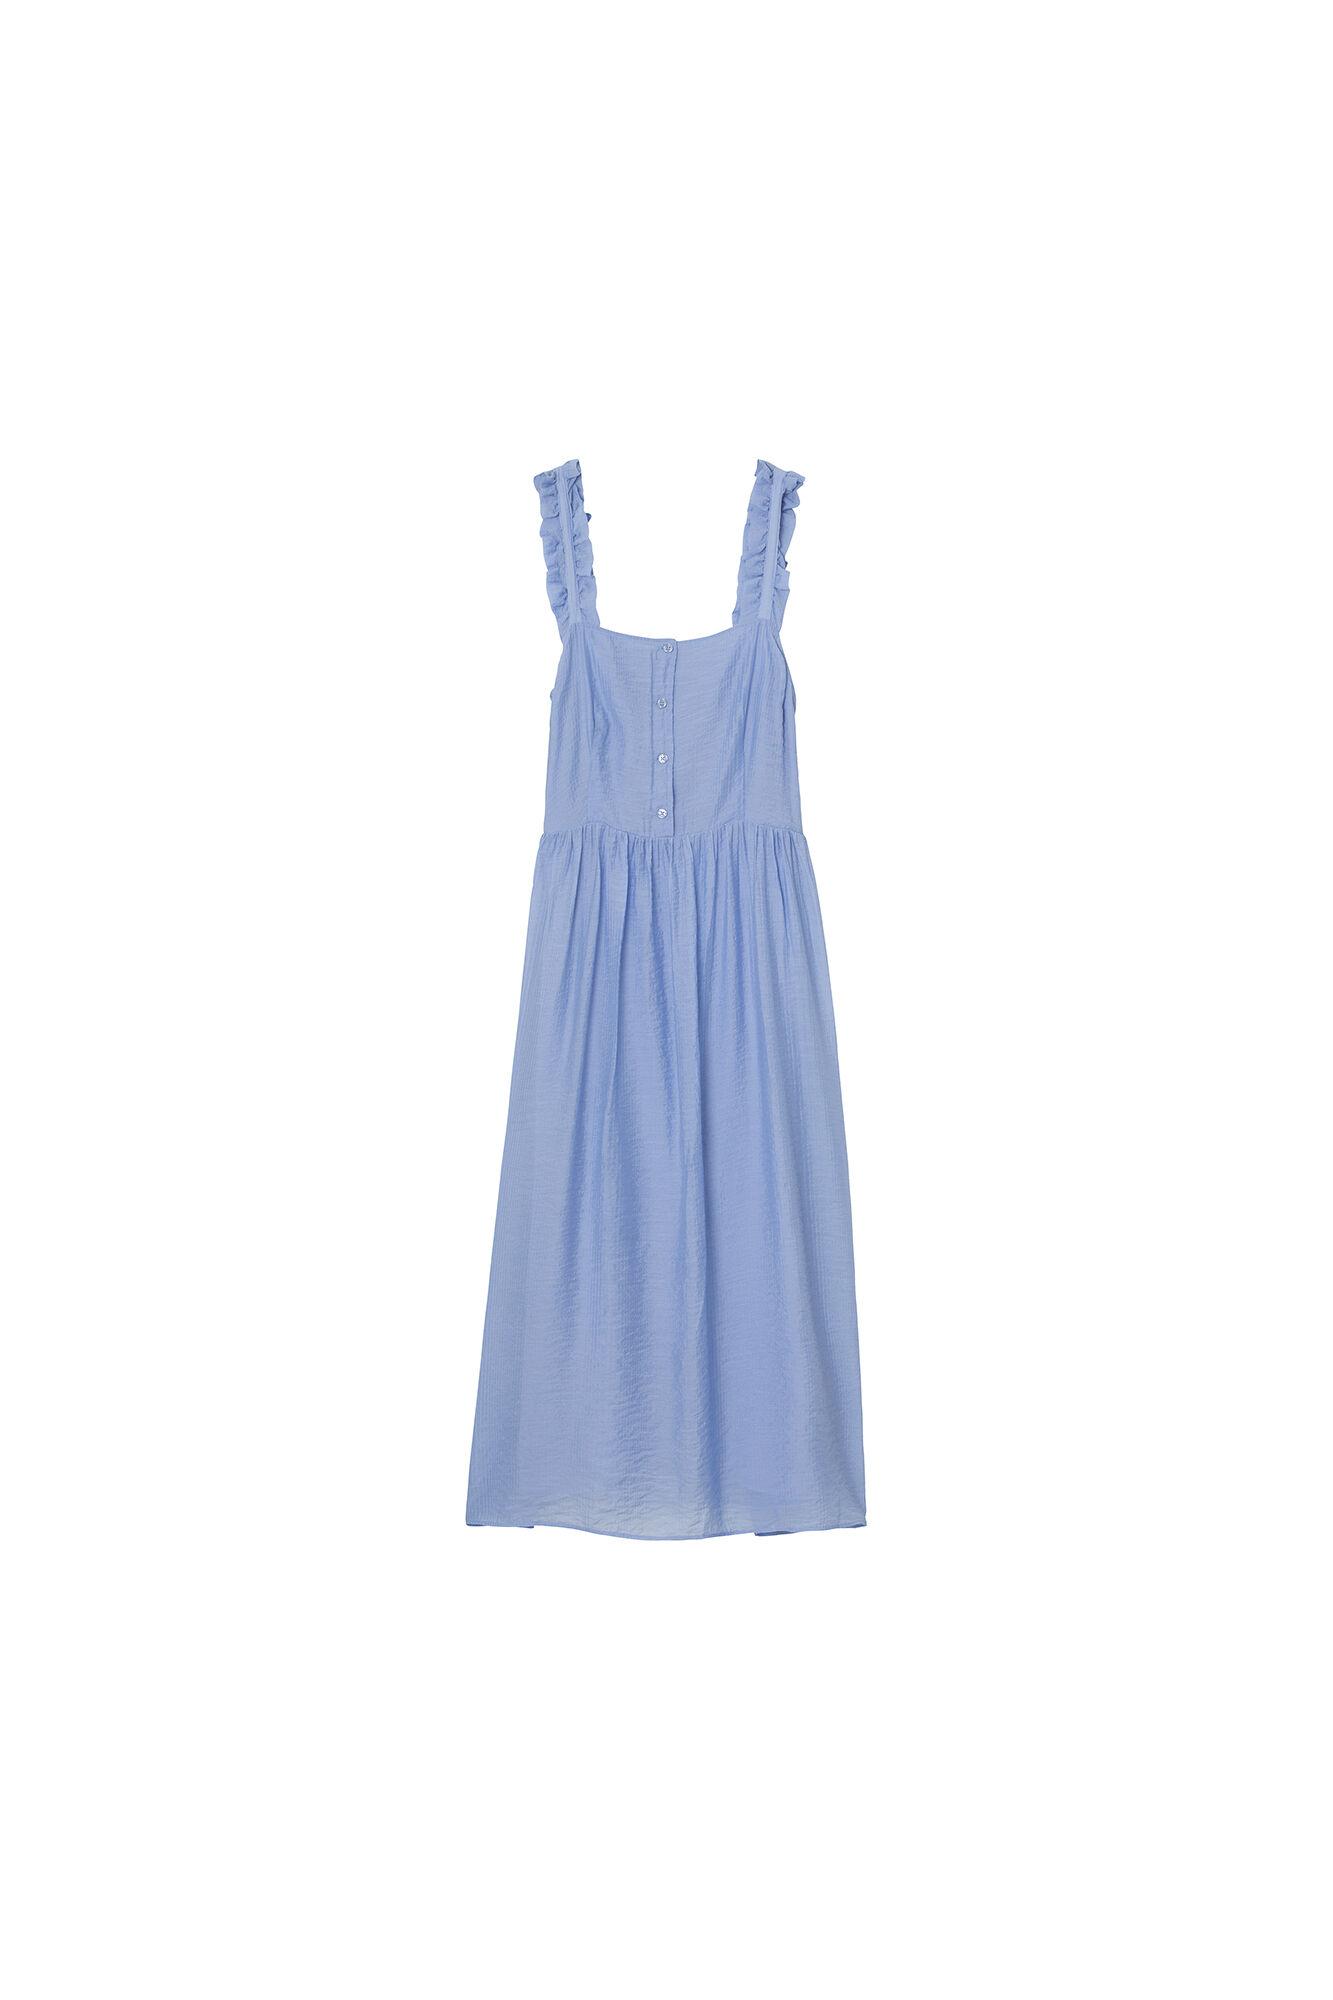 ENOUTHOUSE SL DRESS 6757